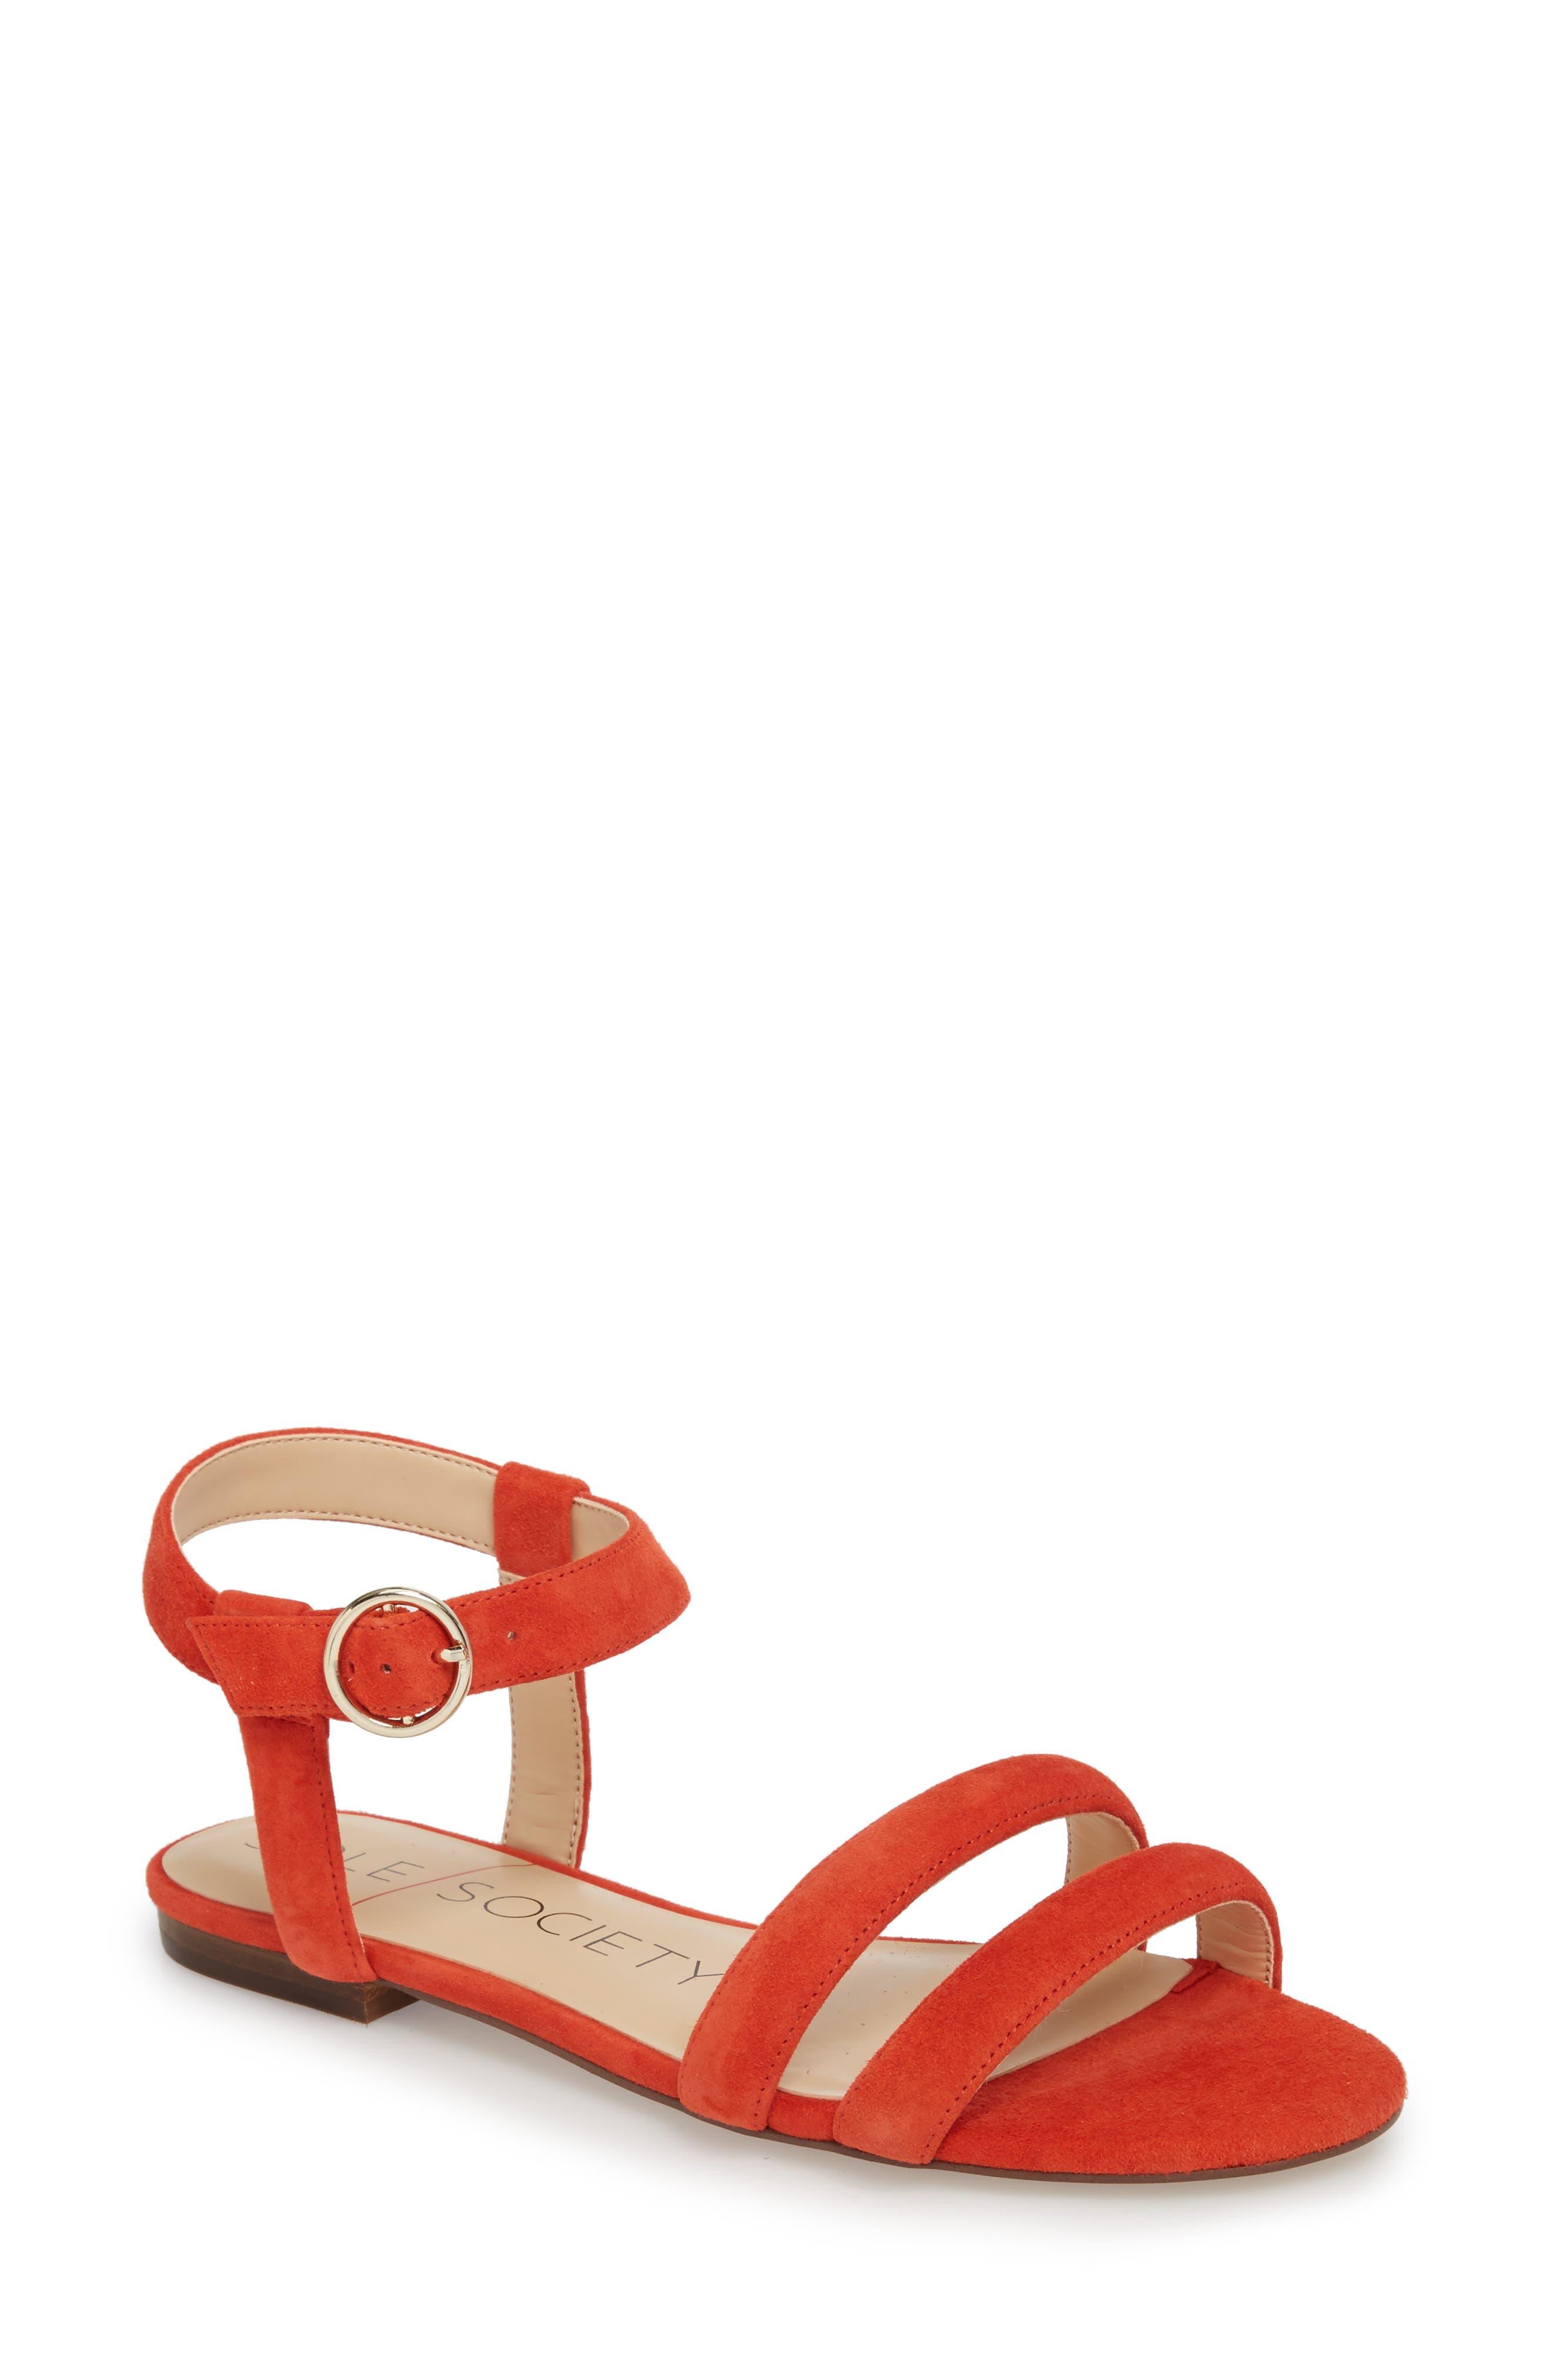 Malie Sandal,                             Main thumbnail 3, color,